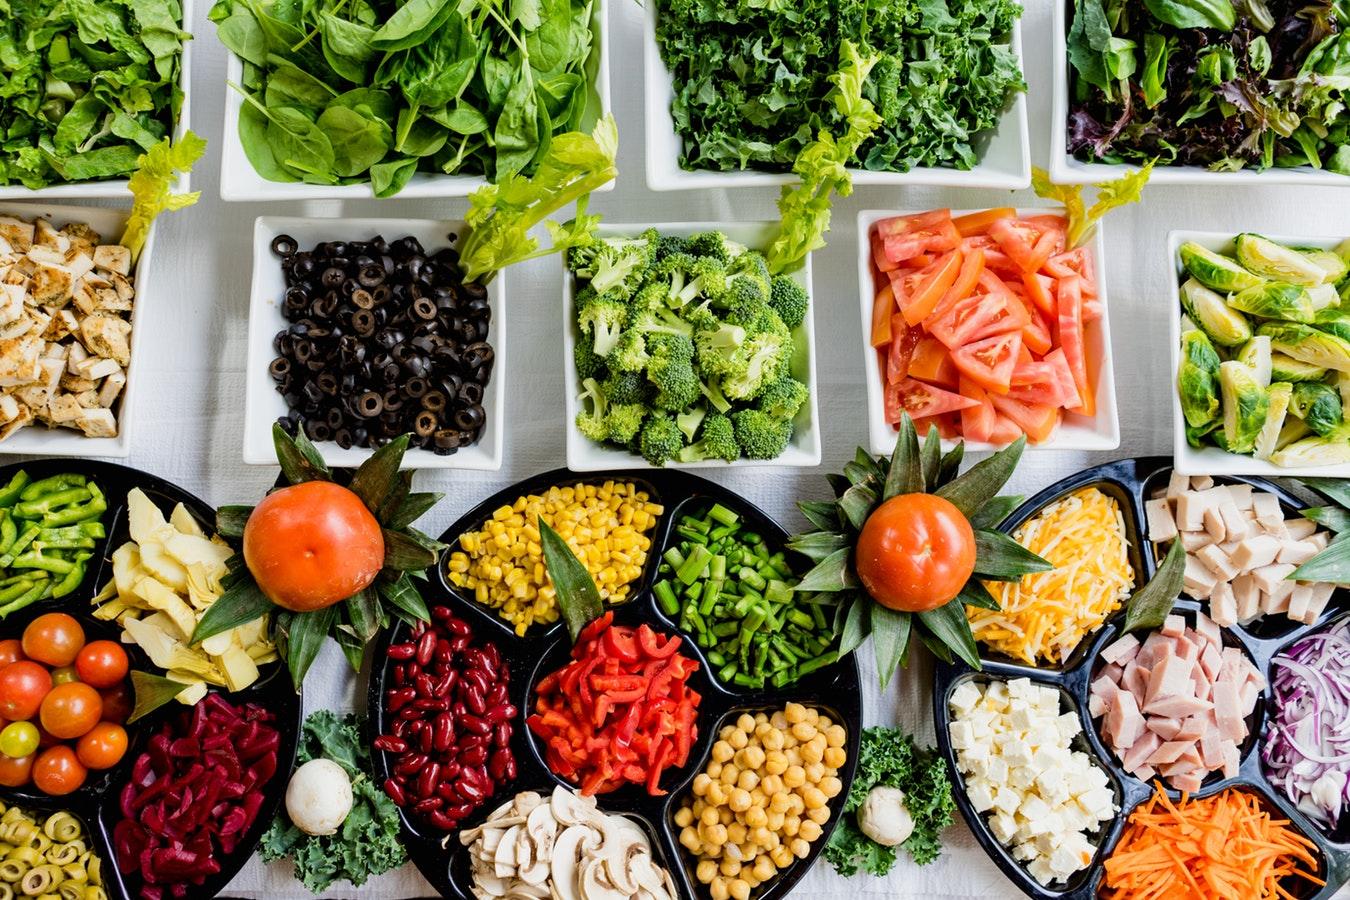 Лучшей диетой в мире восьмой год подряд называют DASH. Что это и как ей следовать?